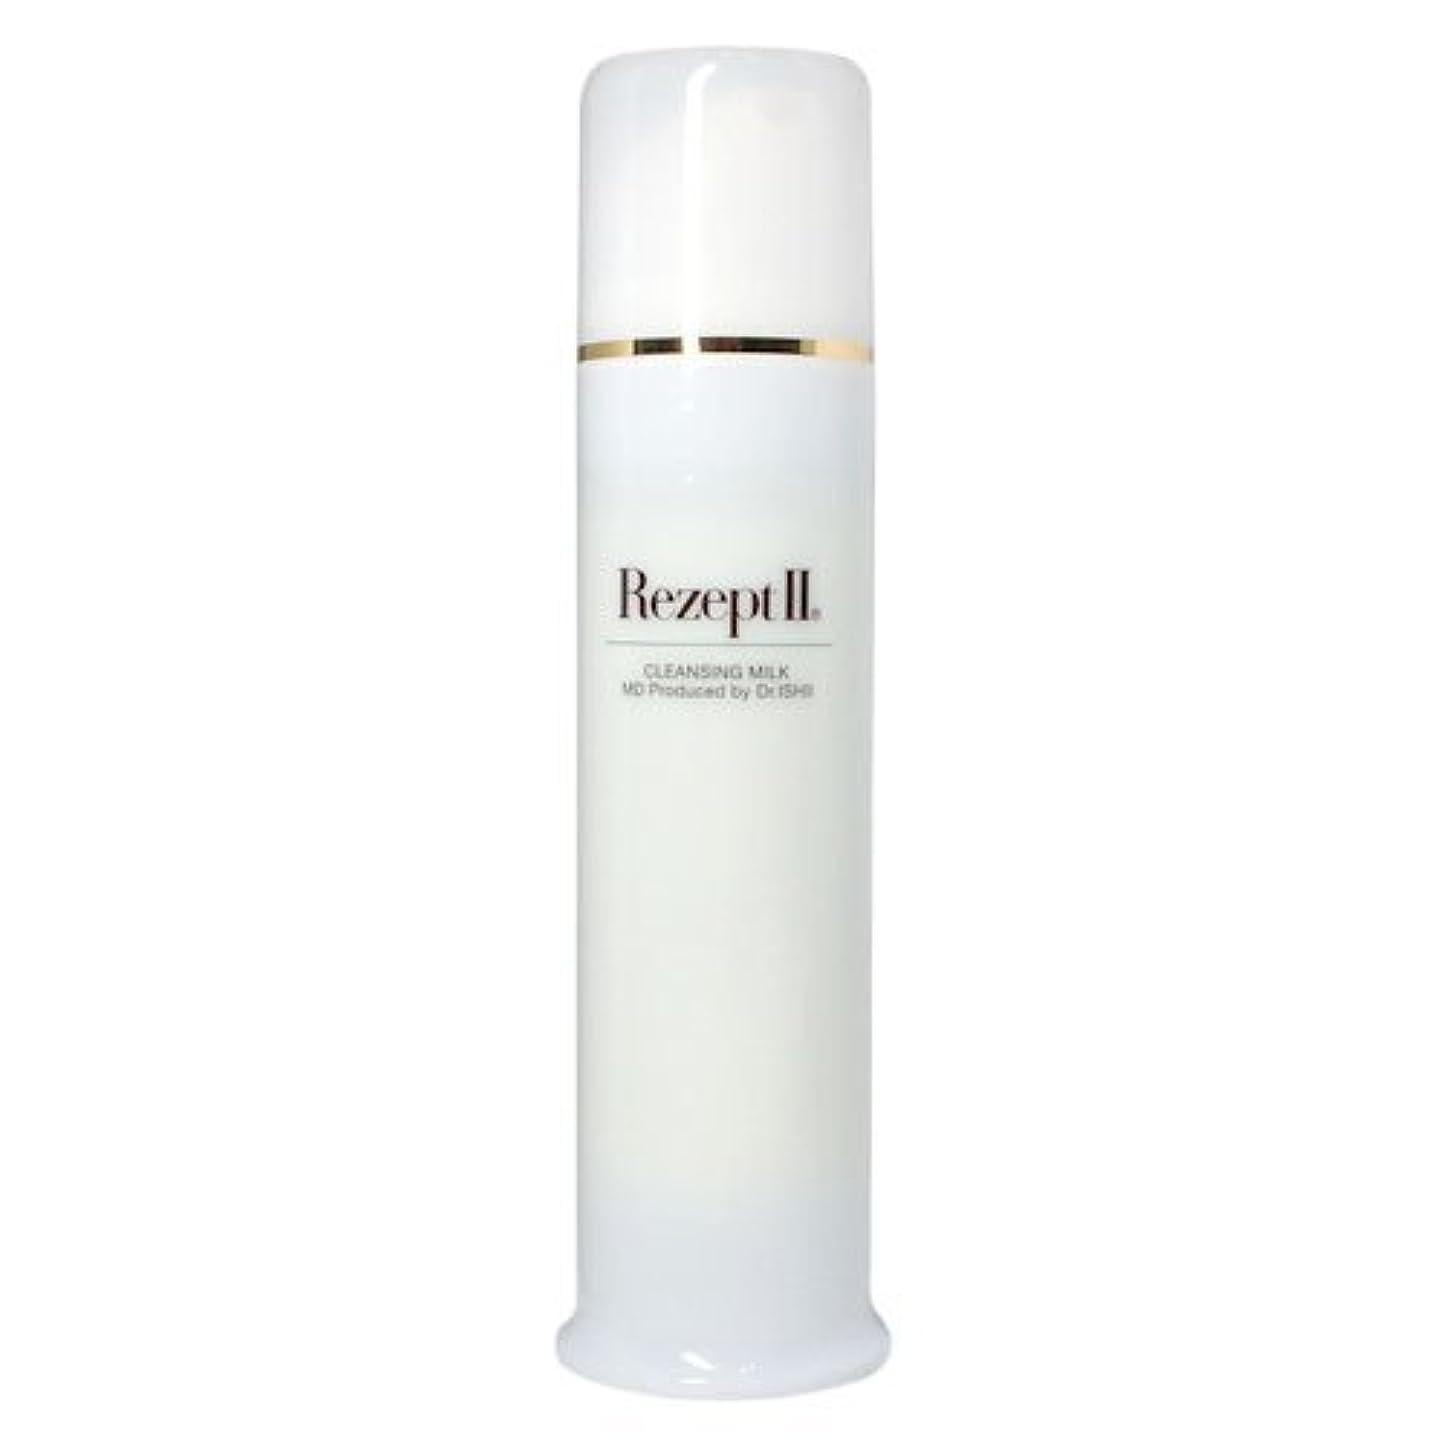 粘性の酸度少ないMD化粧品 レセプト2 クレンジングミルク メイク落とし エアレス 100ml